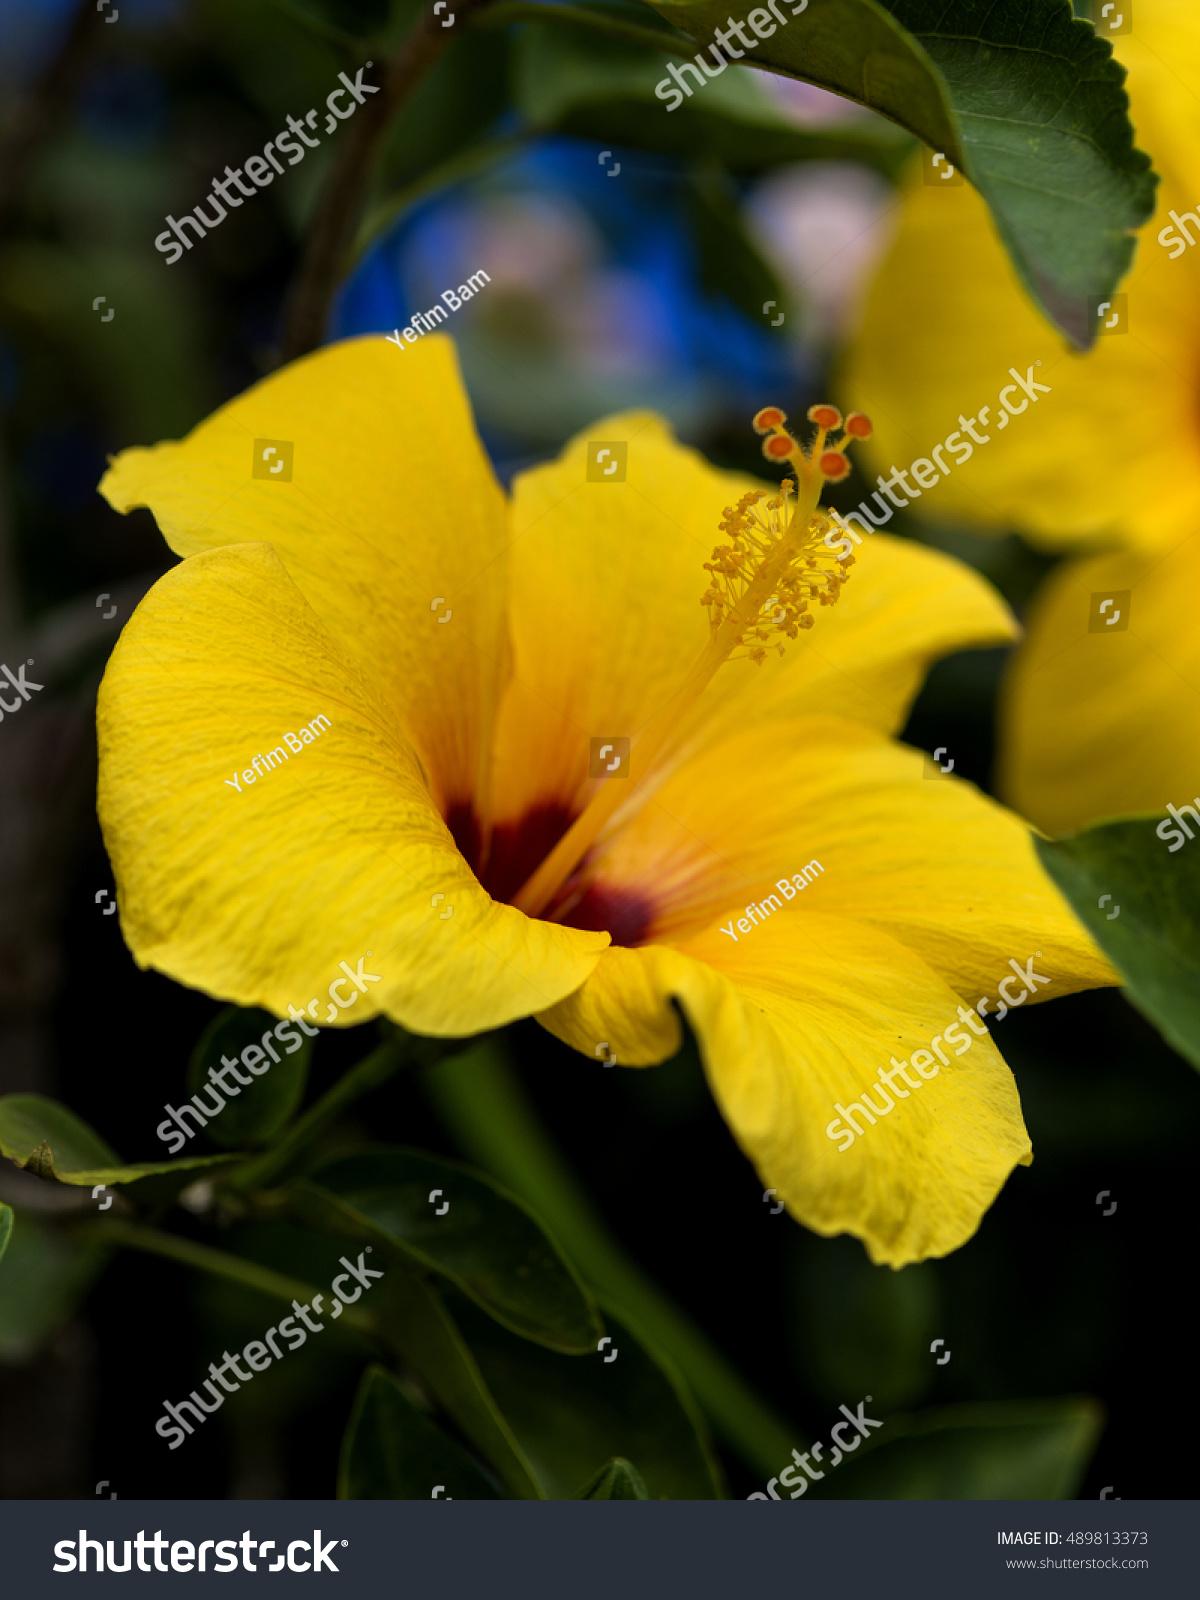 Yellow hibiscus state flower hawaii hawaiian stock photo edit now yellow hibiscus state flower of hawaii hawaiian hibiscus is the 7 known species of hibiscus izmirmasajfo